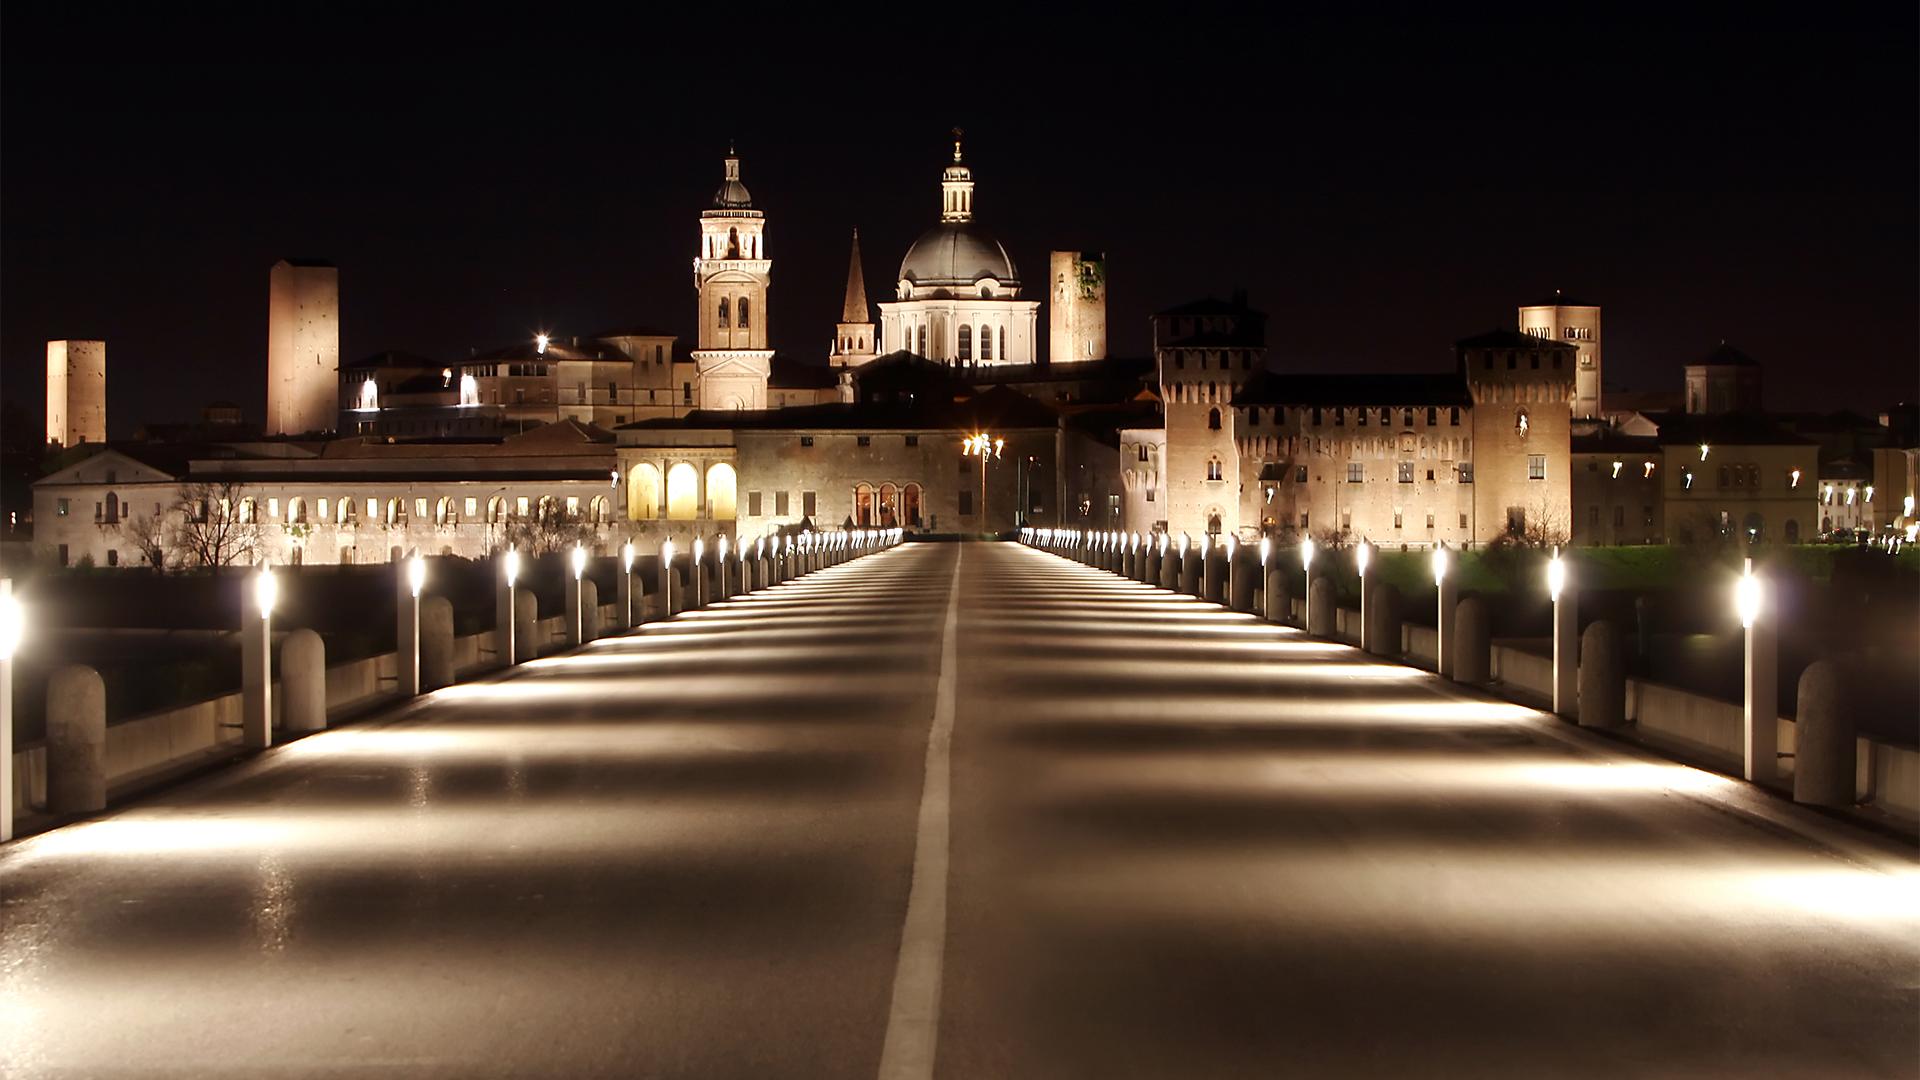 Dov'era Mantova quando si progettava il futuro?